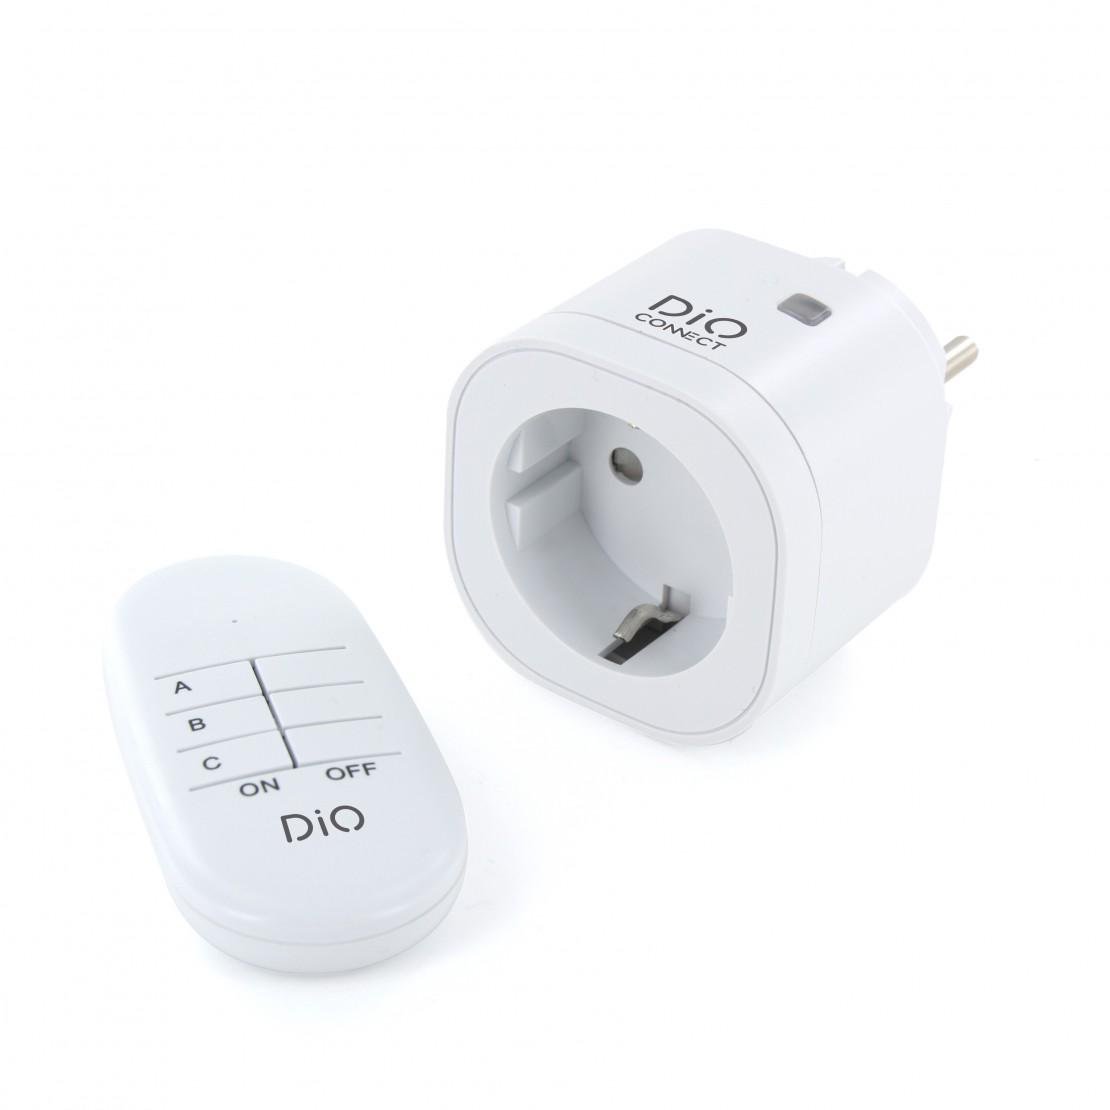 Prise connectée et télécommandée DiO Connect avec télécommande